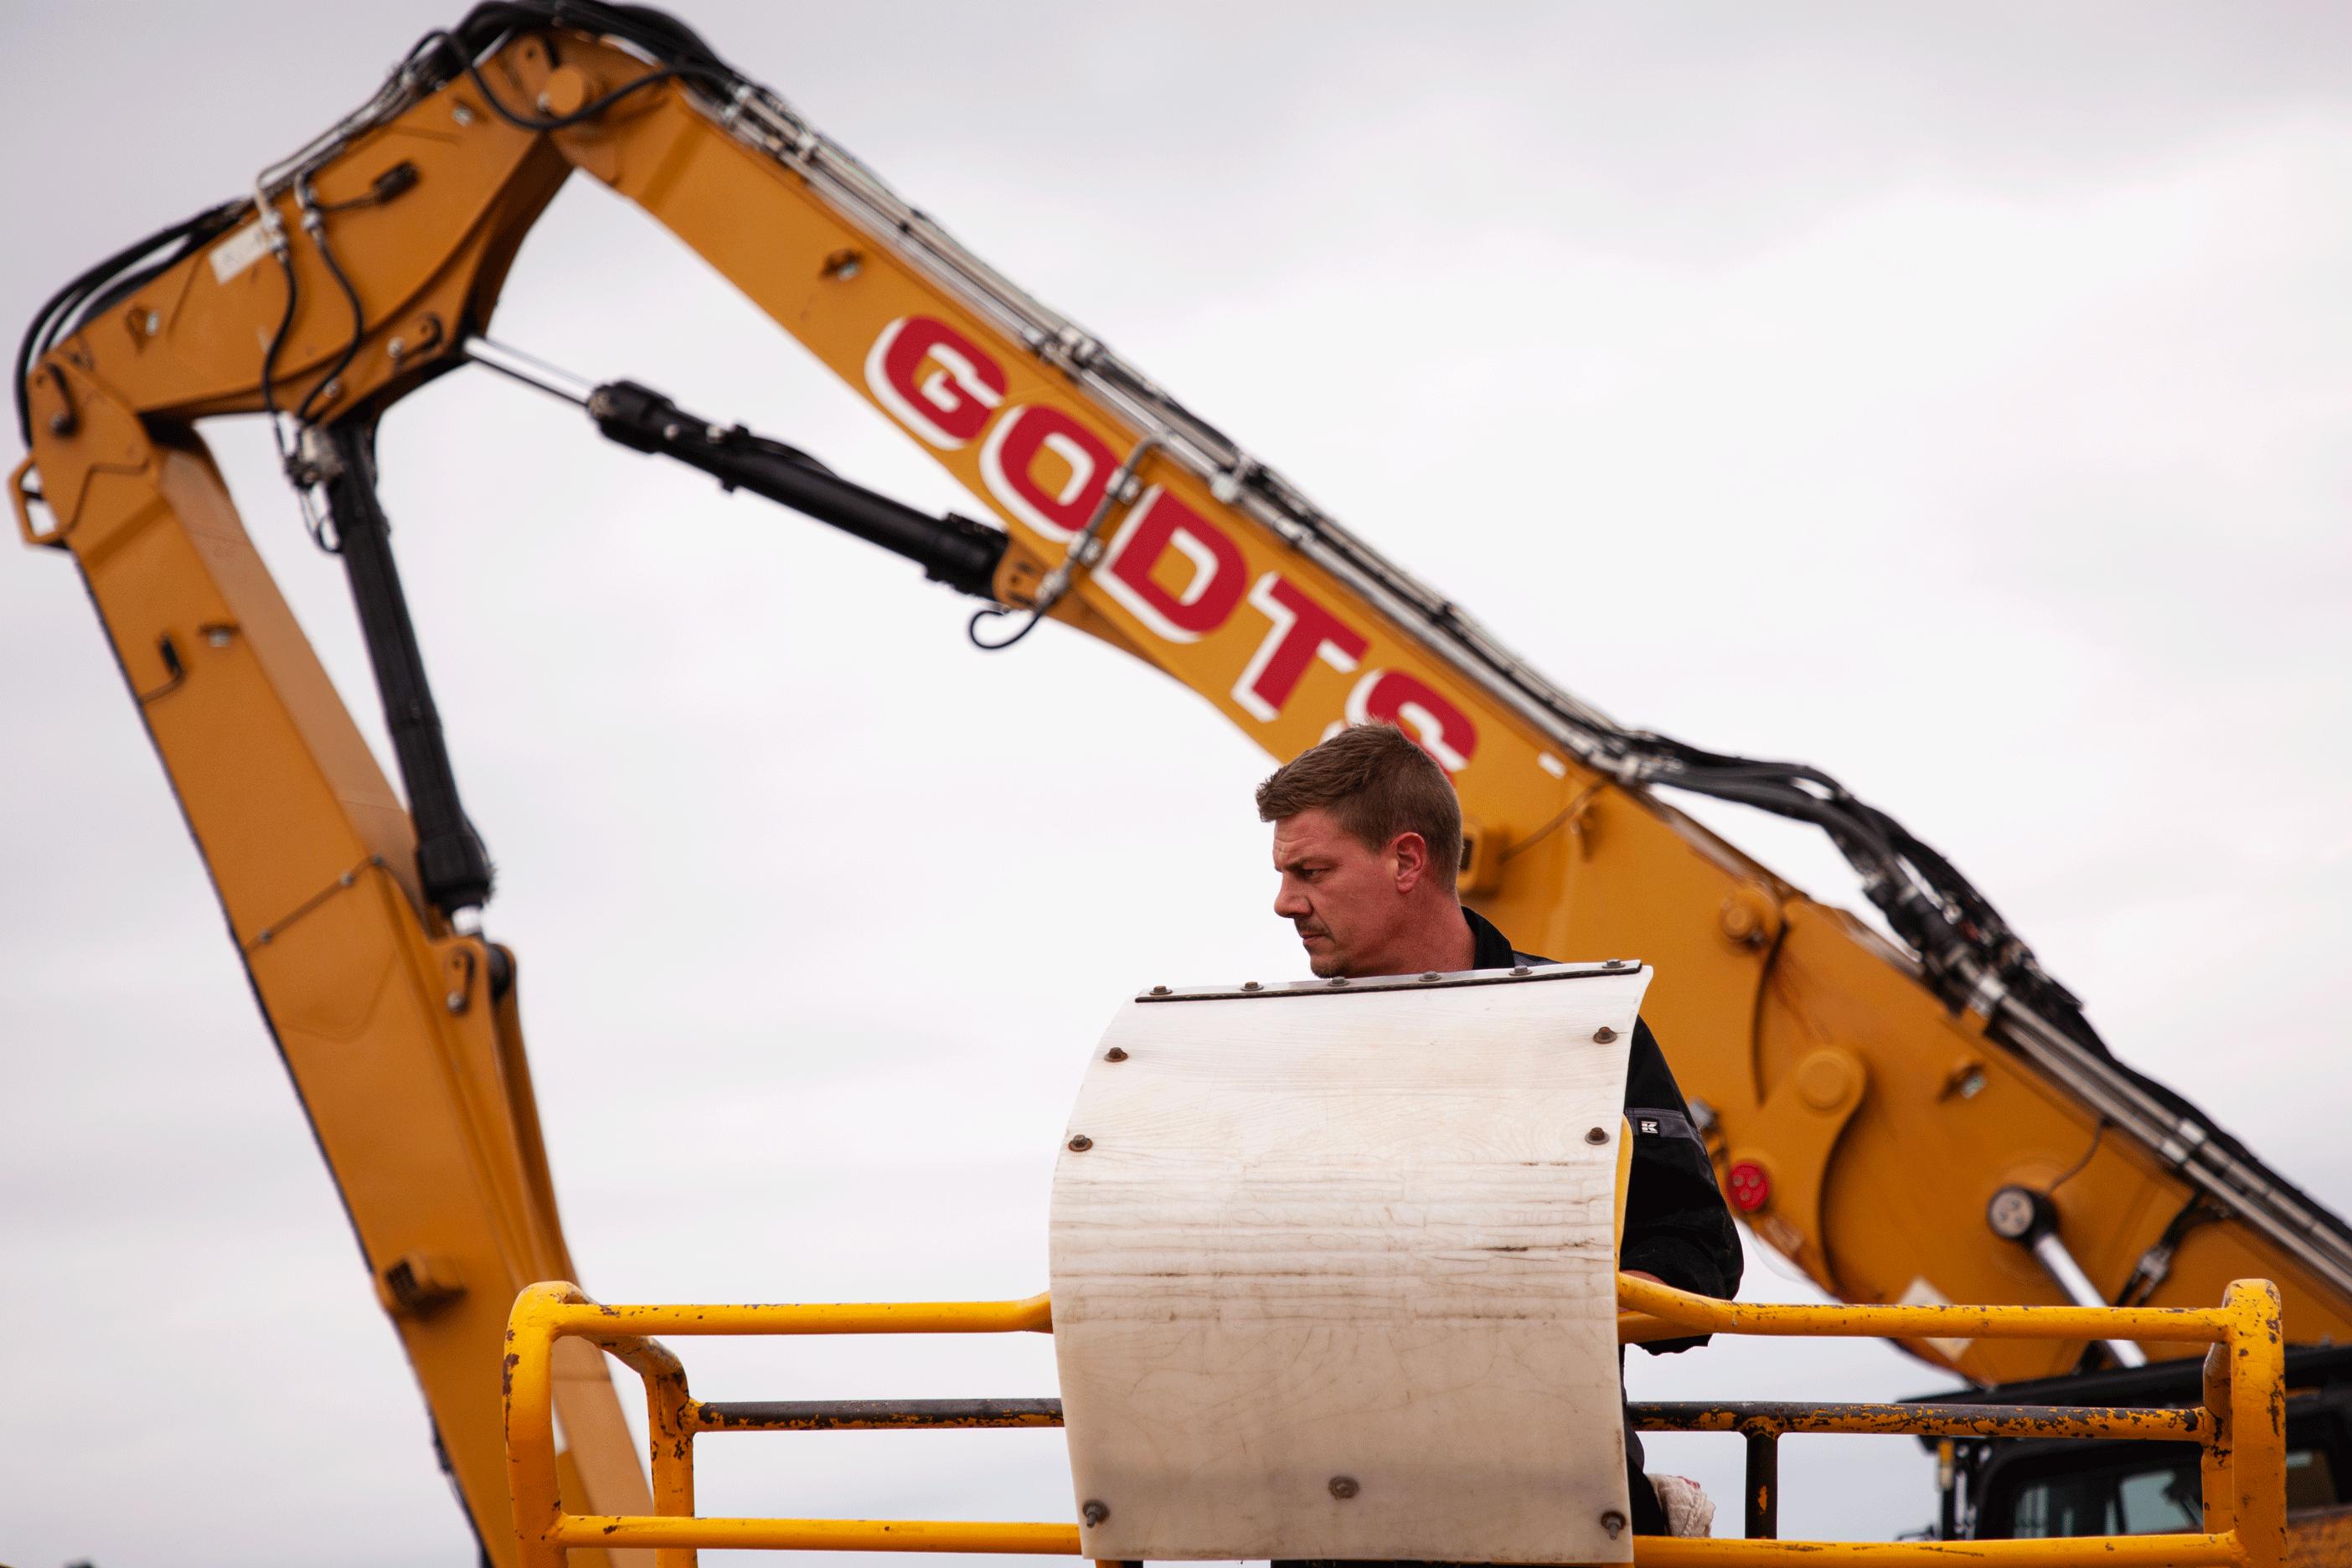 Godts-jobs